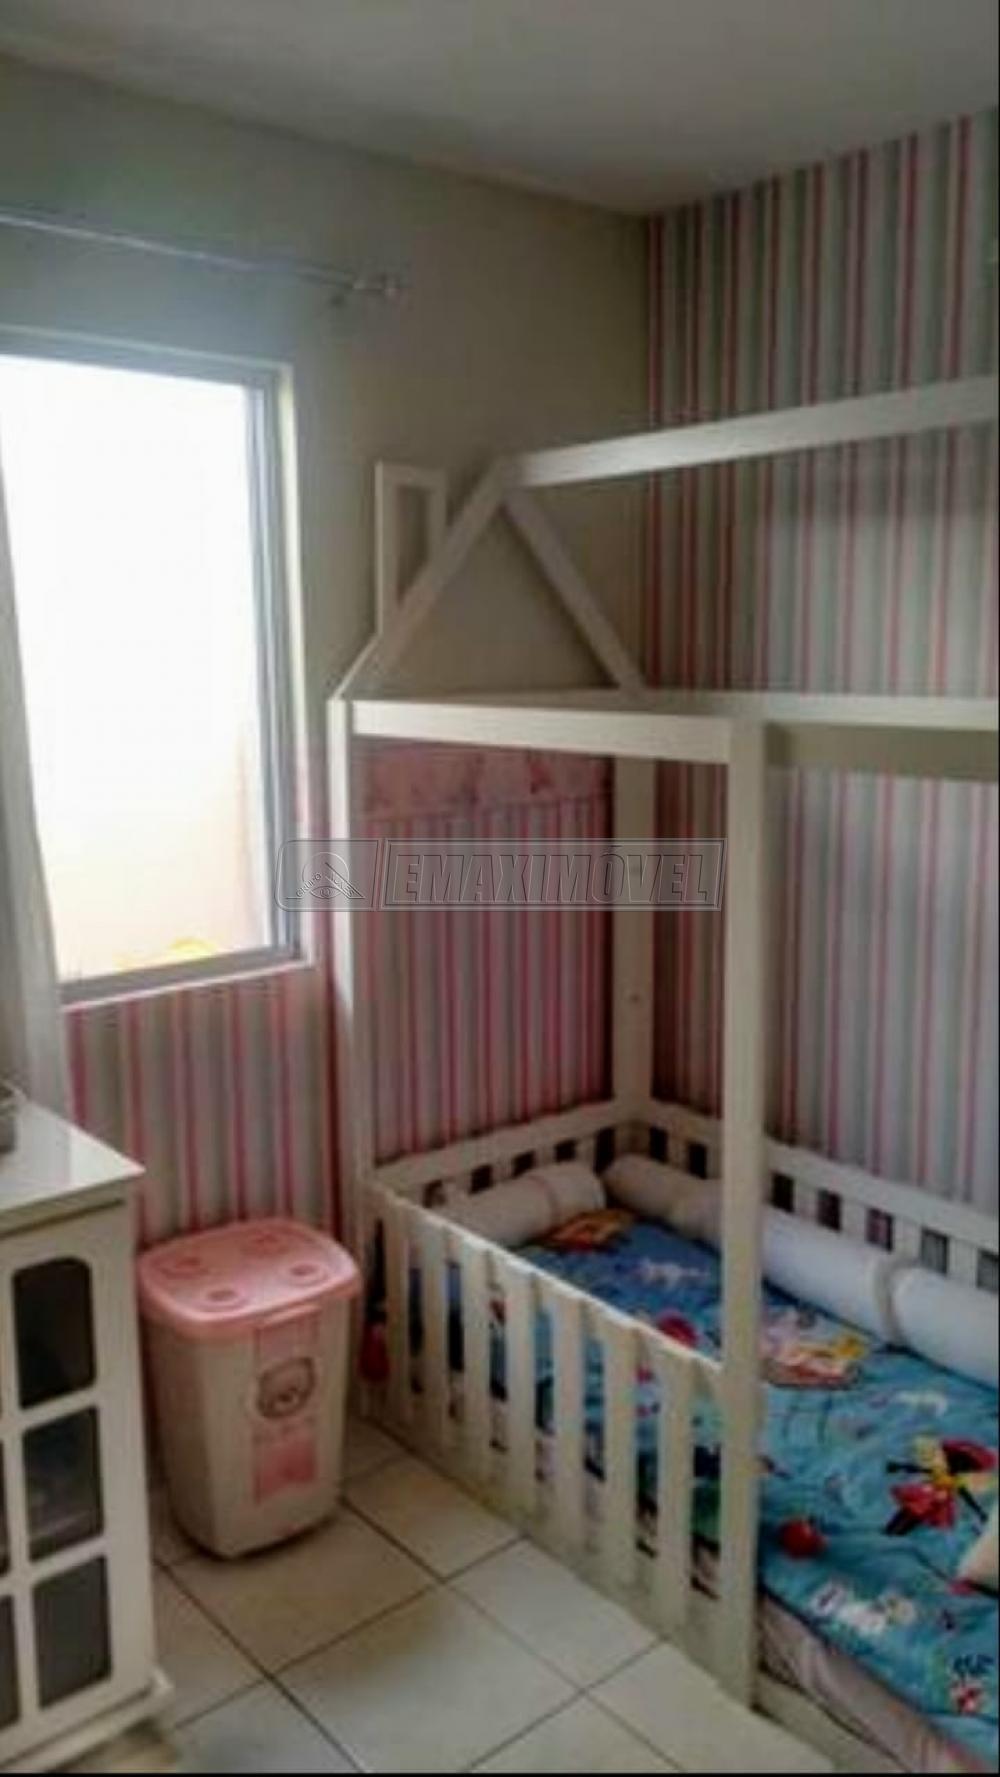 Comprar Casas / em Condomínios em Sorocaba apenas R$ 235.000,00 - Foto 8